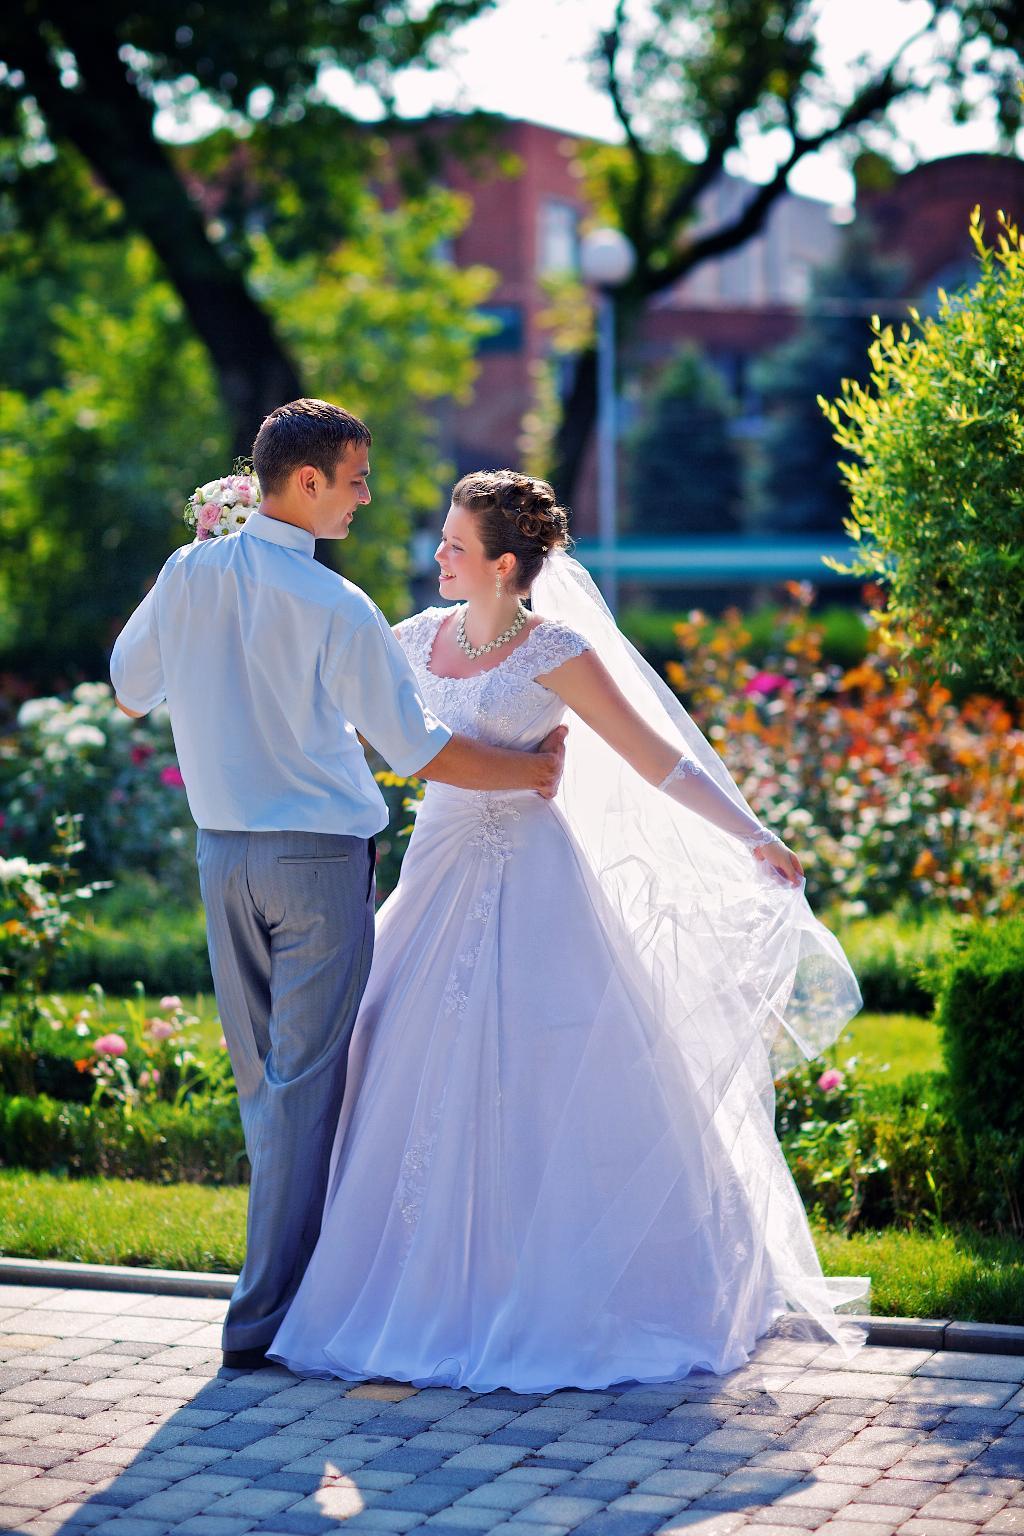 танцуя по жизни.... Лучшее свадебное фото